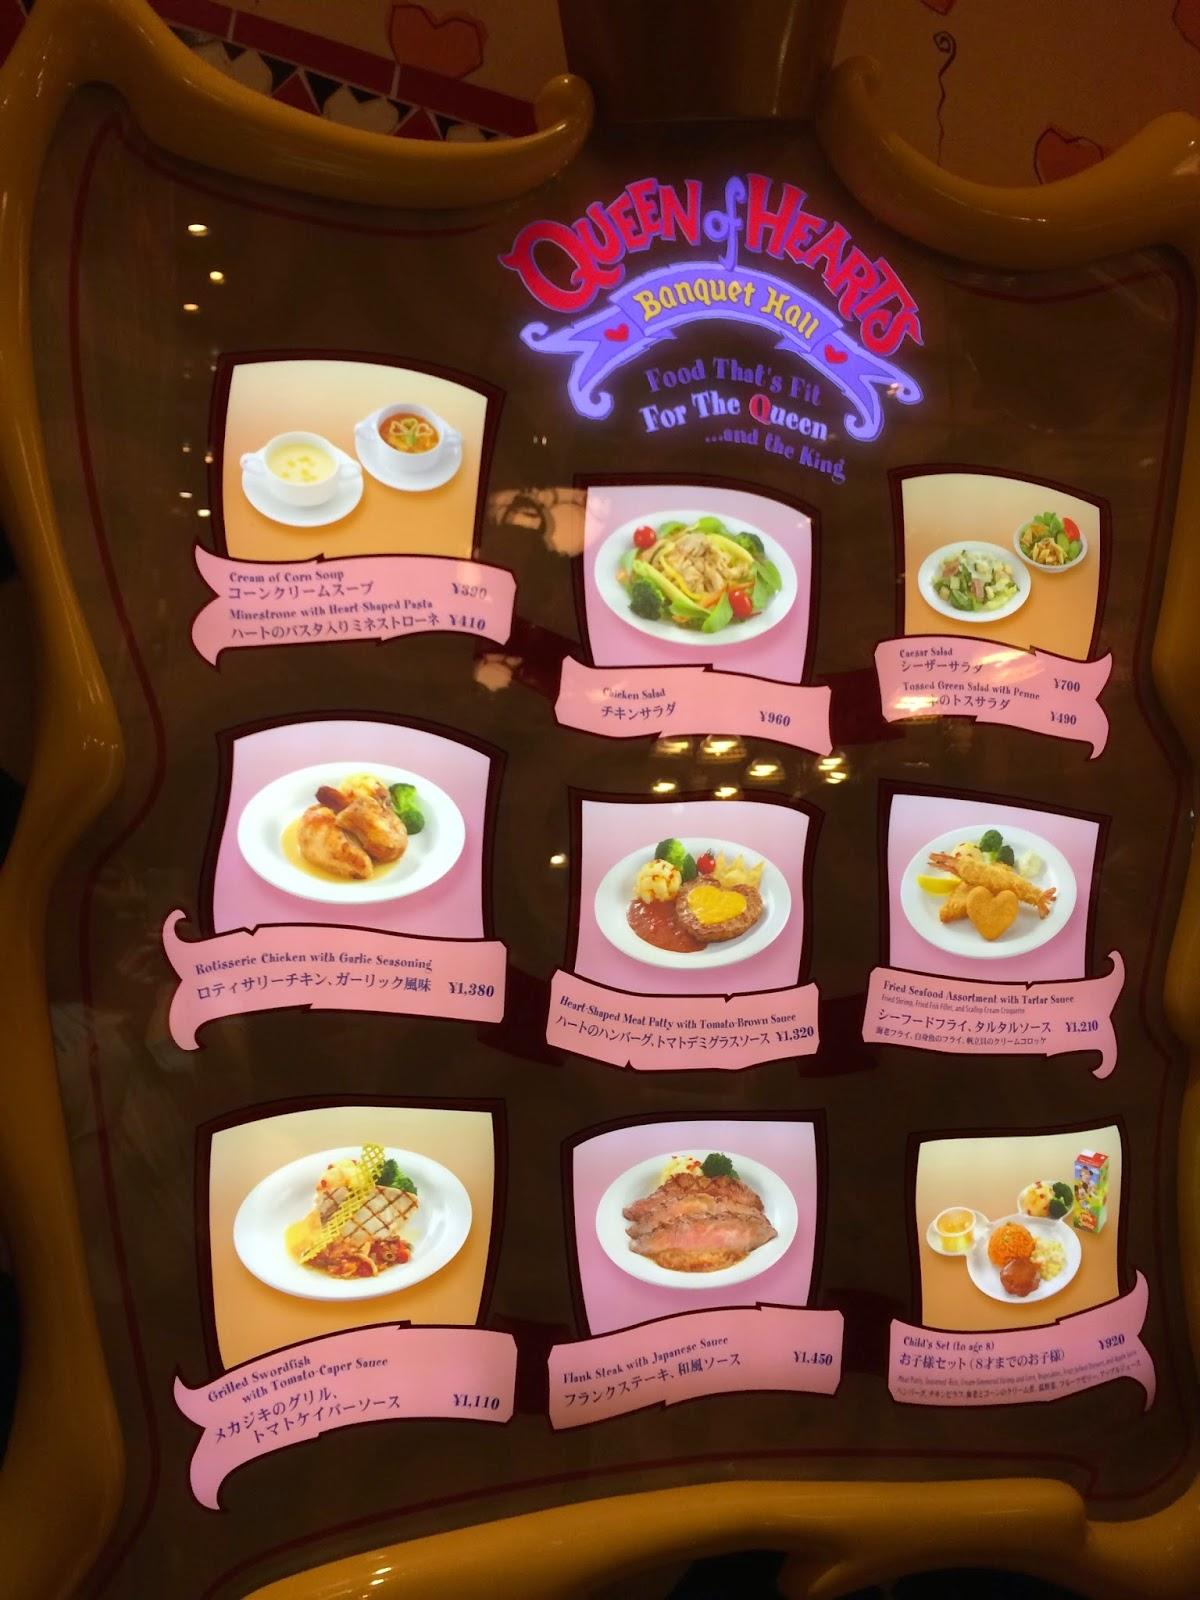 Tokyo Disneyland queen of hearts restaurant menu